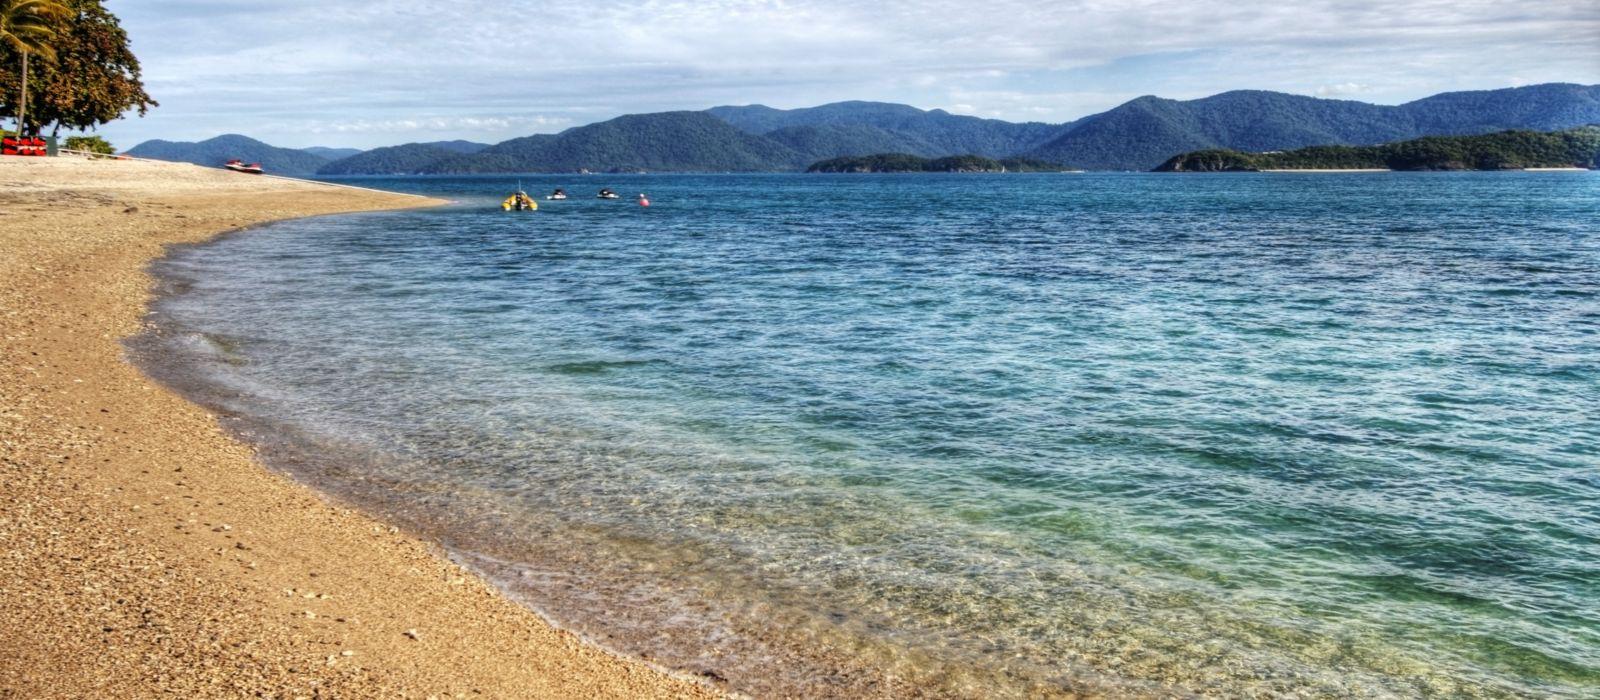 Reiseziel Daydream Island Australien